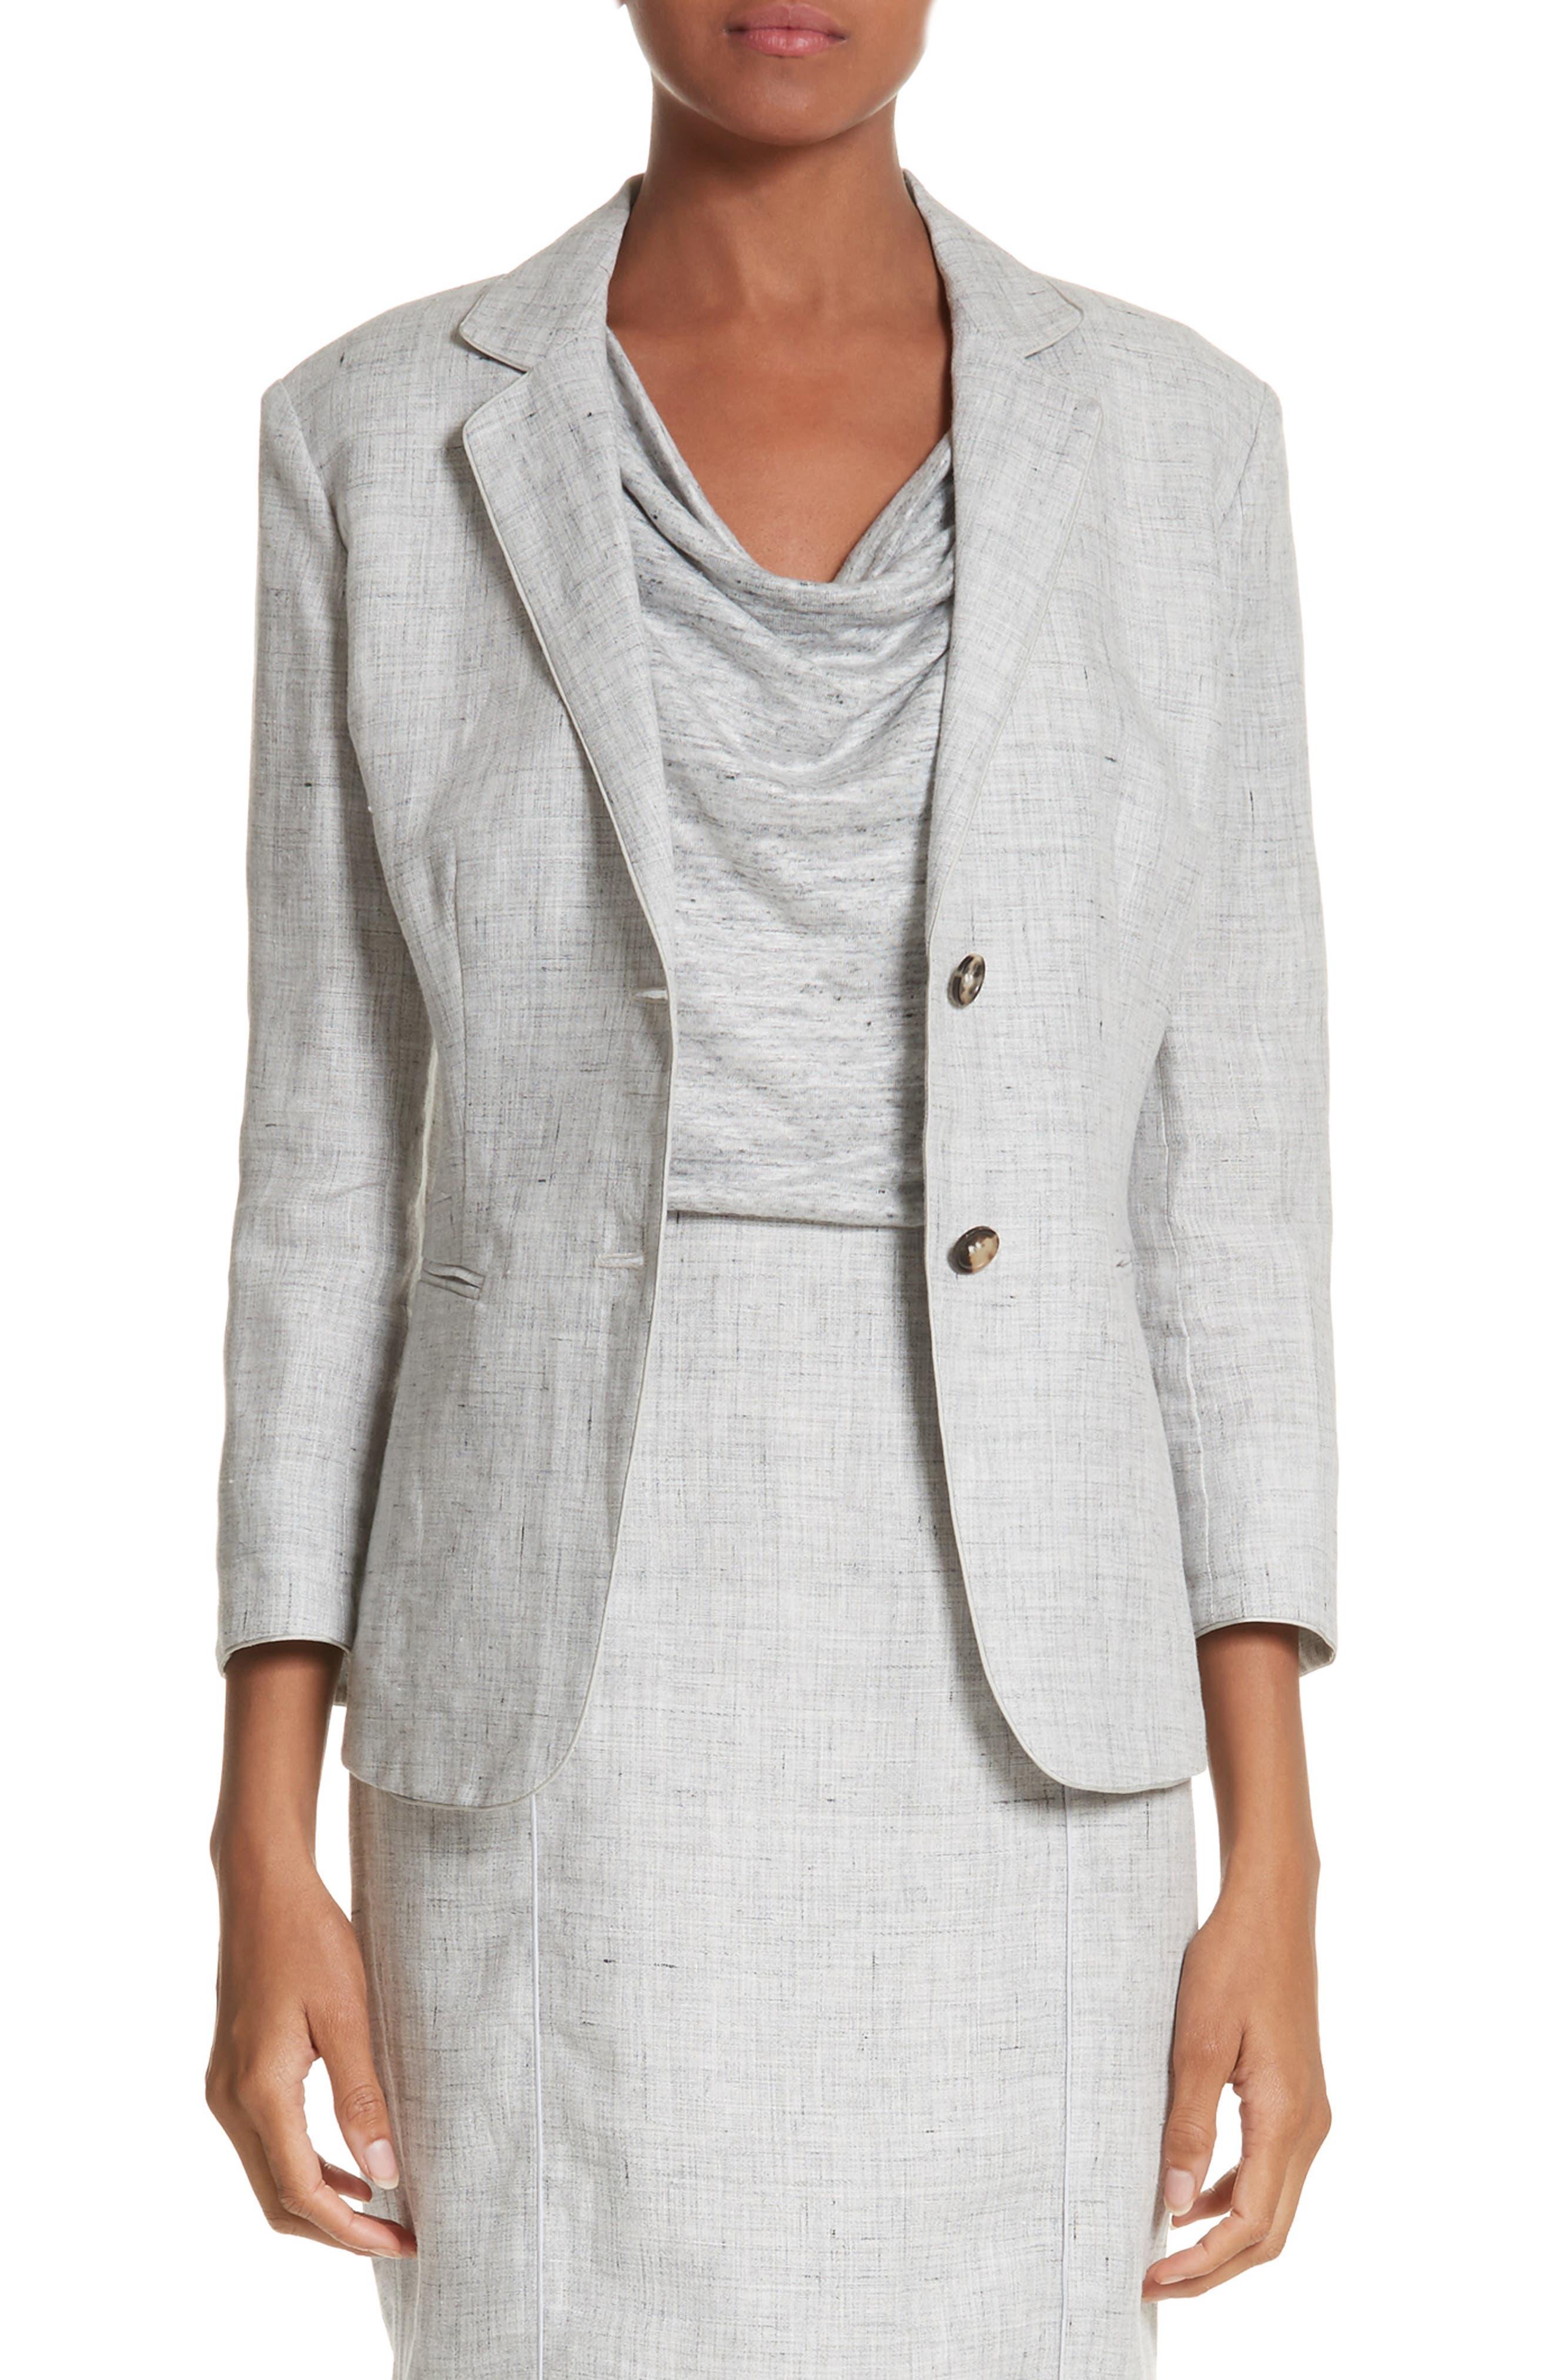 Vello Linen Blazer,                             Main thumbnail 1, color,                             Light Grey